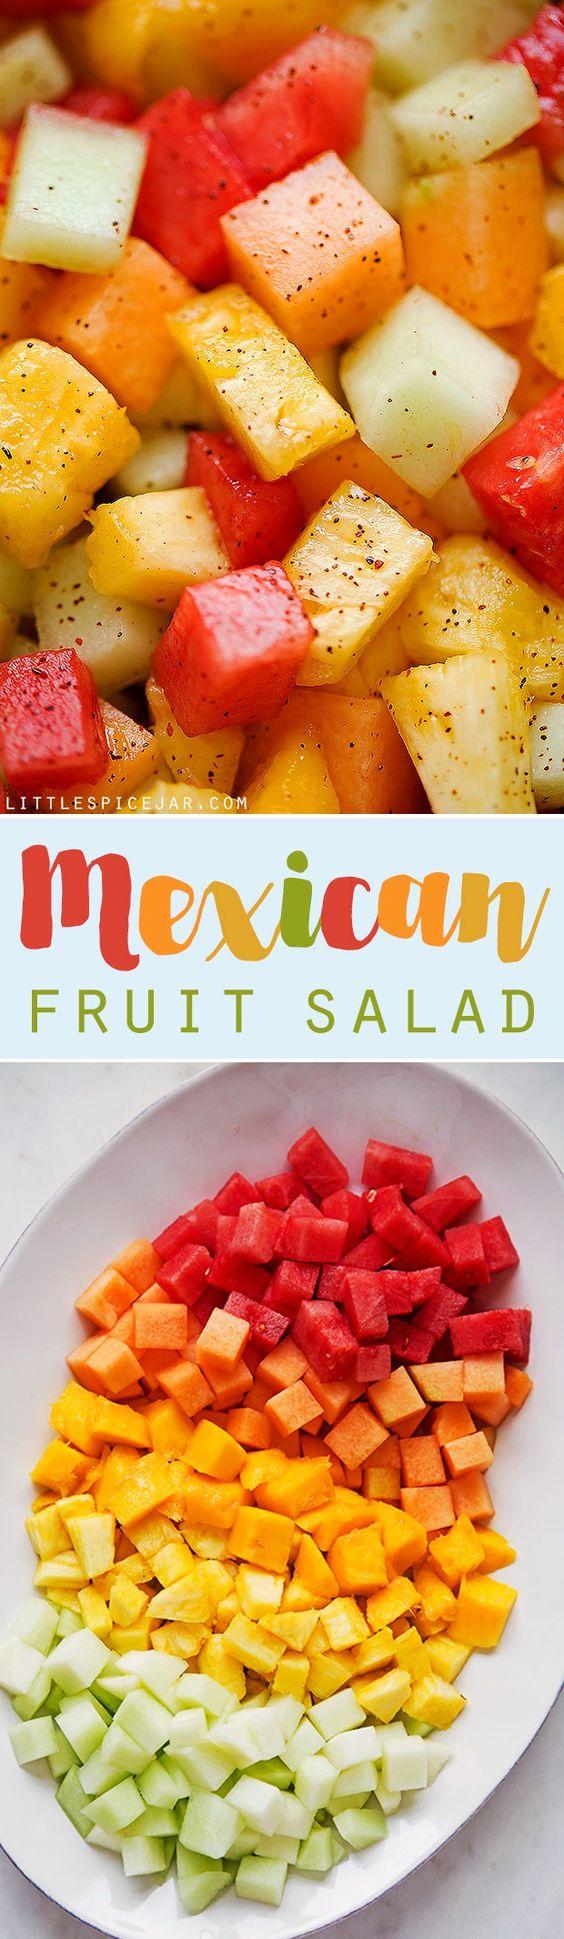 salades de fruits-recettes-idées-été-recettes rafraichissantes-collation-déjeuner-desserts-Je suis une maman